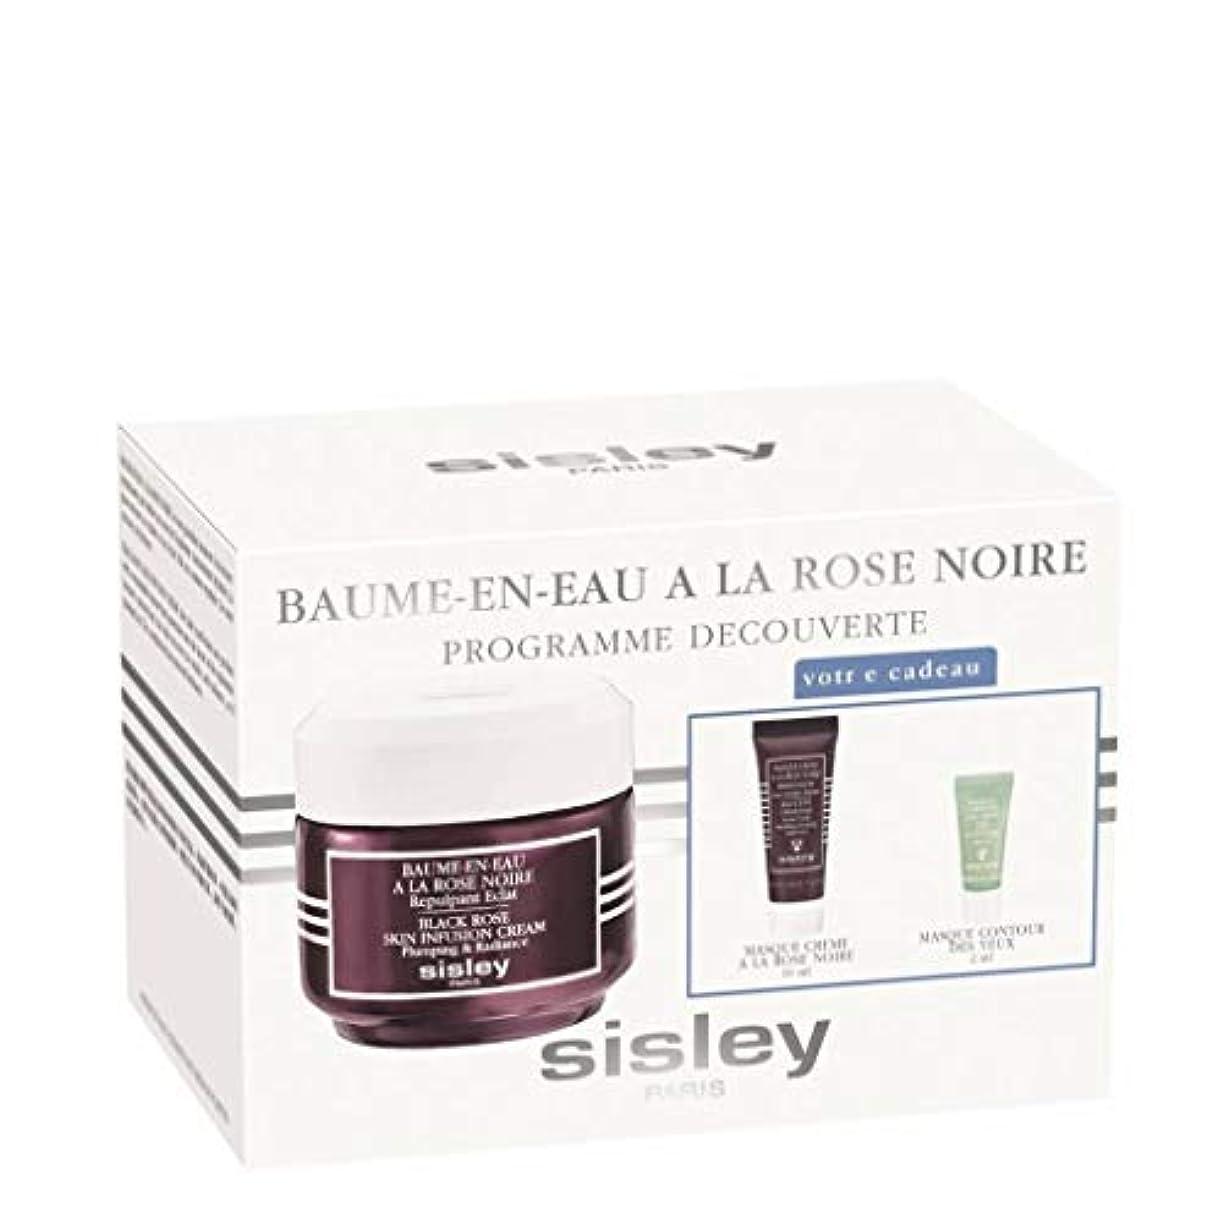 抽選ファッション後方シスレー Black Rose Skin Infusion Cream Discovery Program: Black Rose Skin Infusion Cream 50ml+Black Rose Cream Mask...